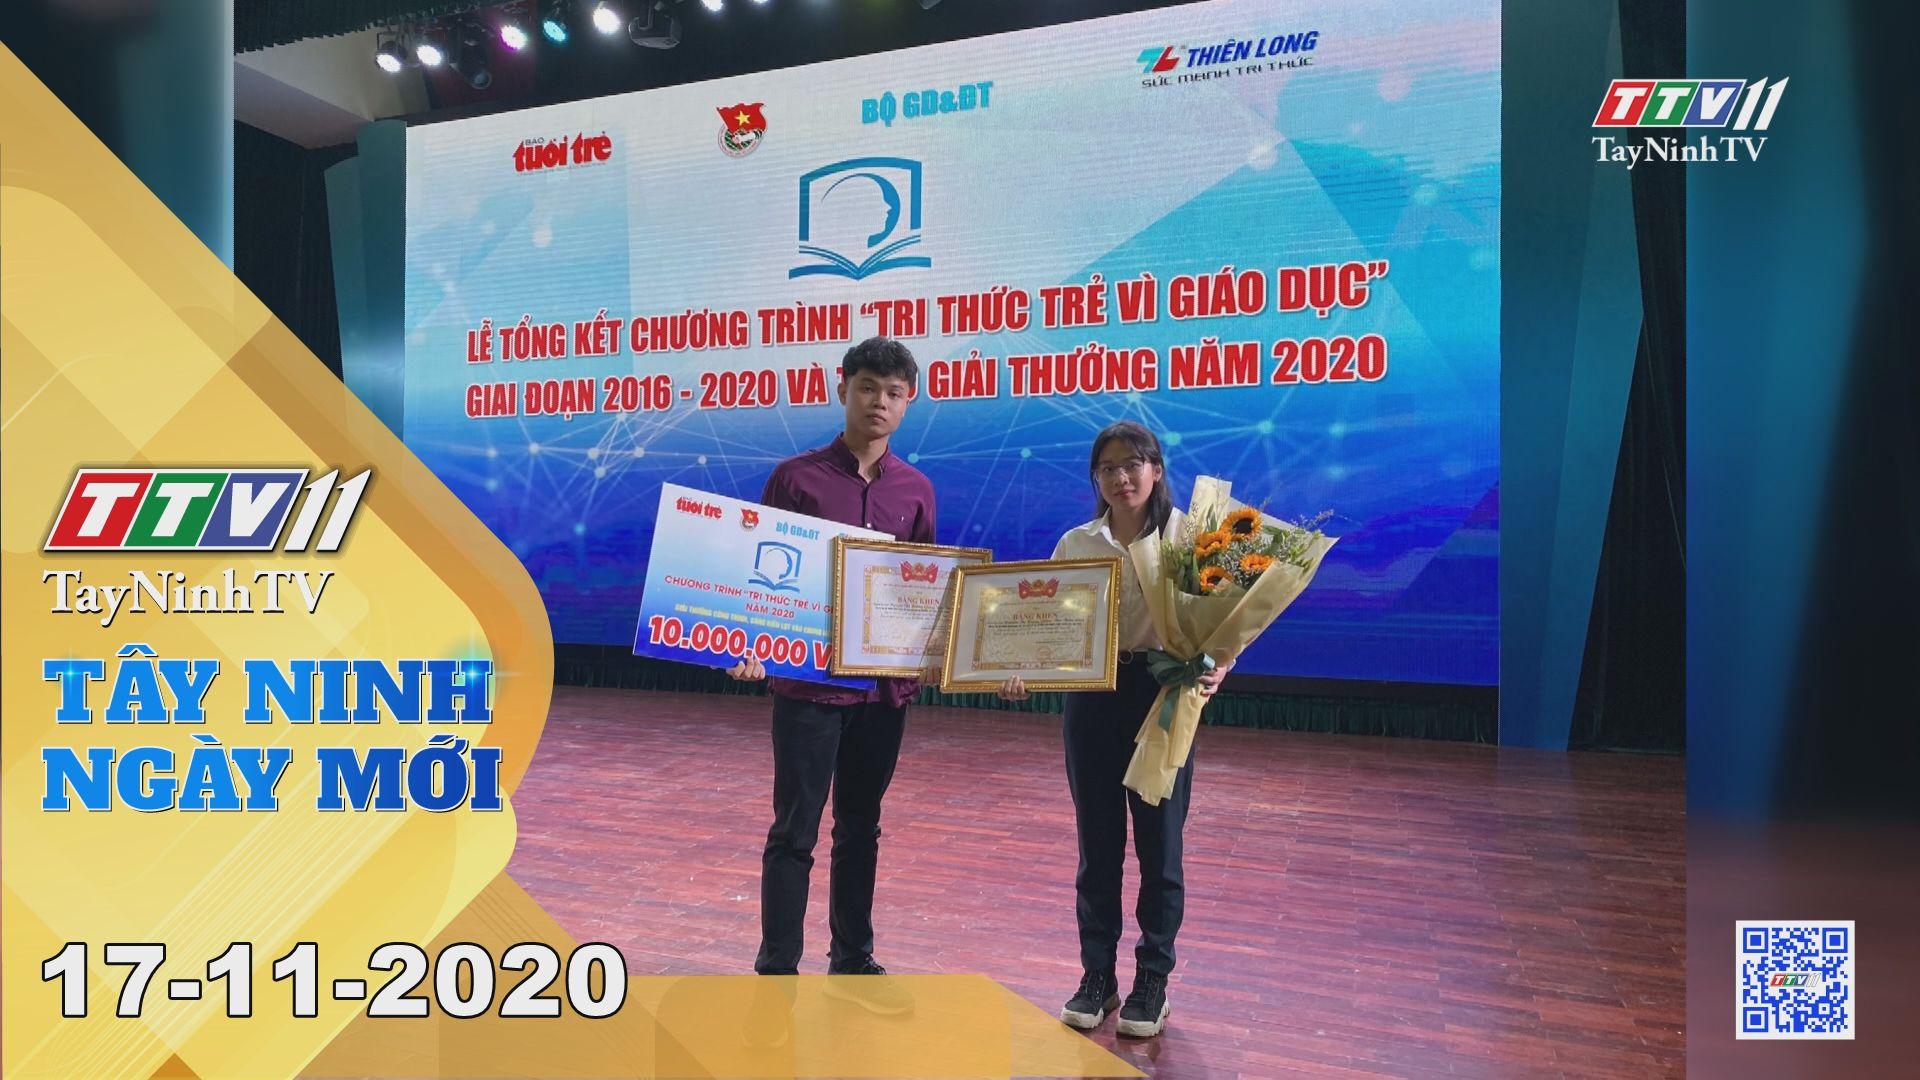 Tây Ninh Ngày Mới 17-11-2020 | Tin tức hôm nay | TayNinhTV